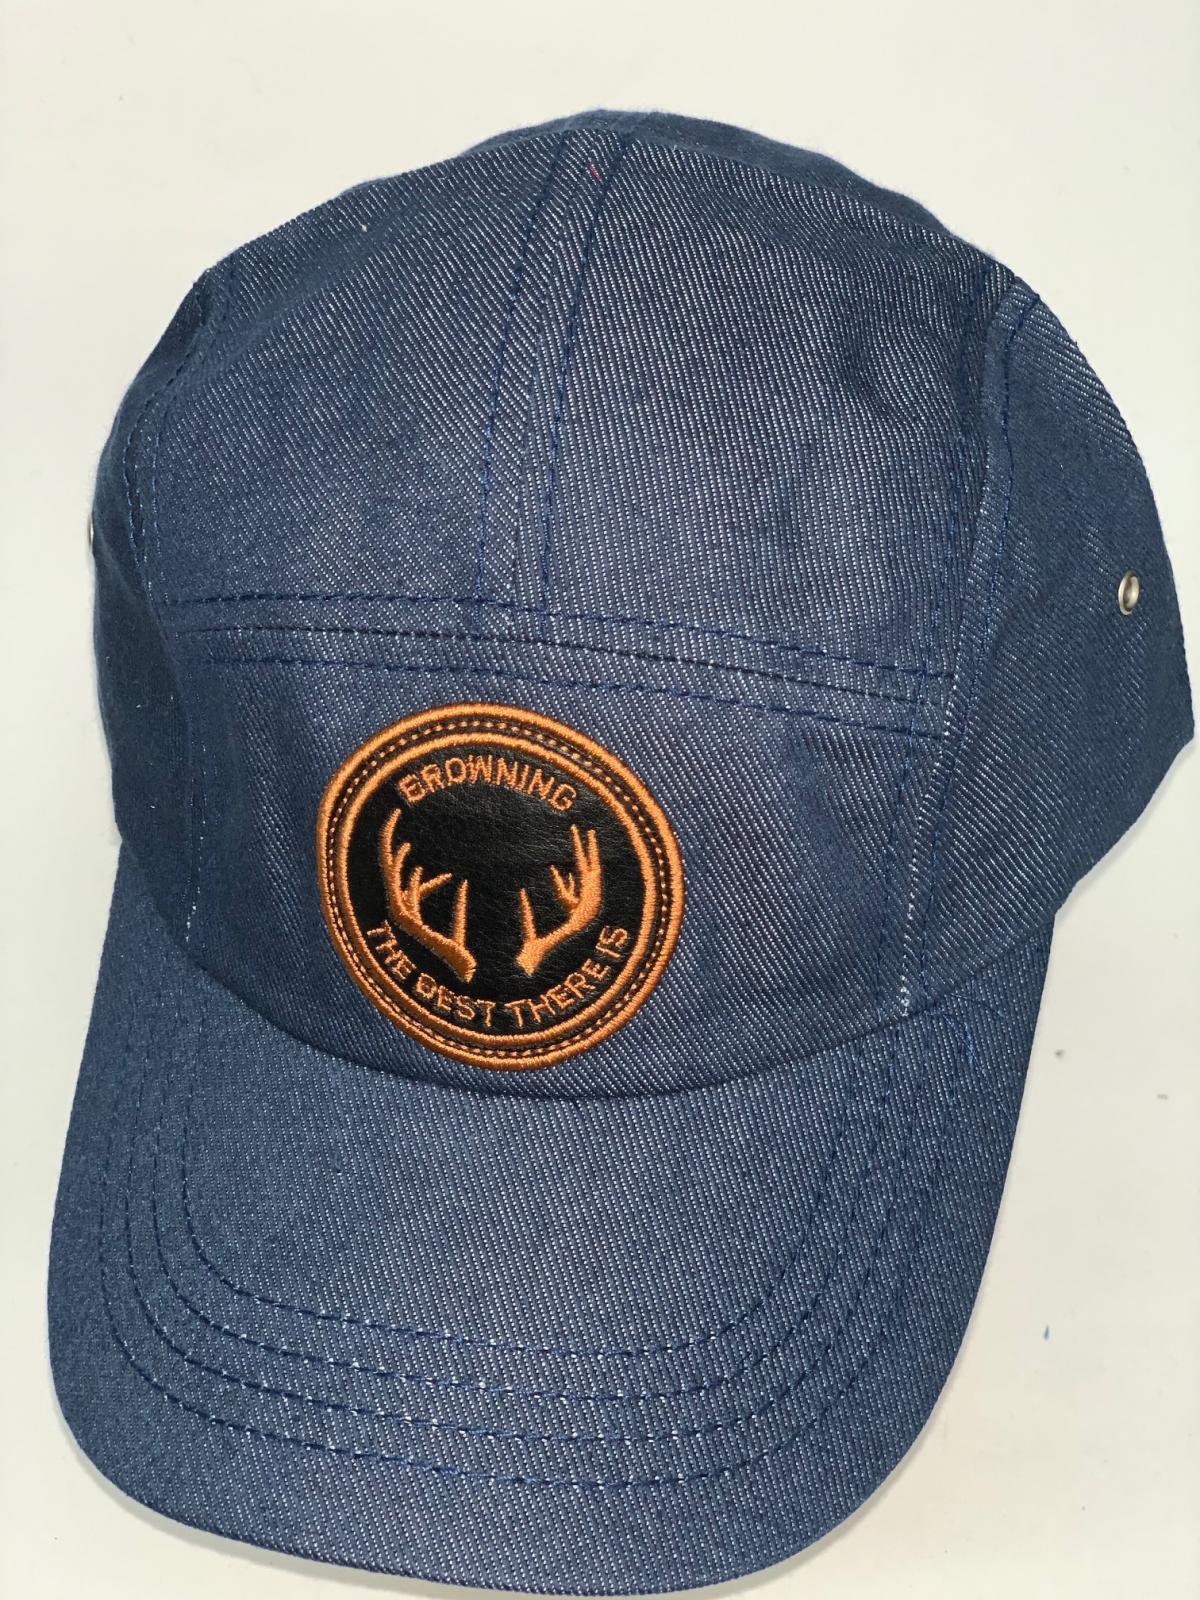 Джинсовая кепка-пятипанелька Browning с круглой вышивкой